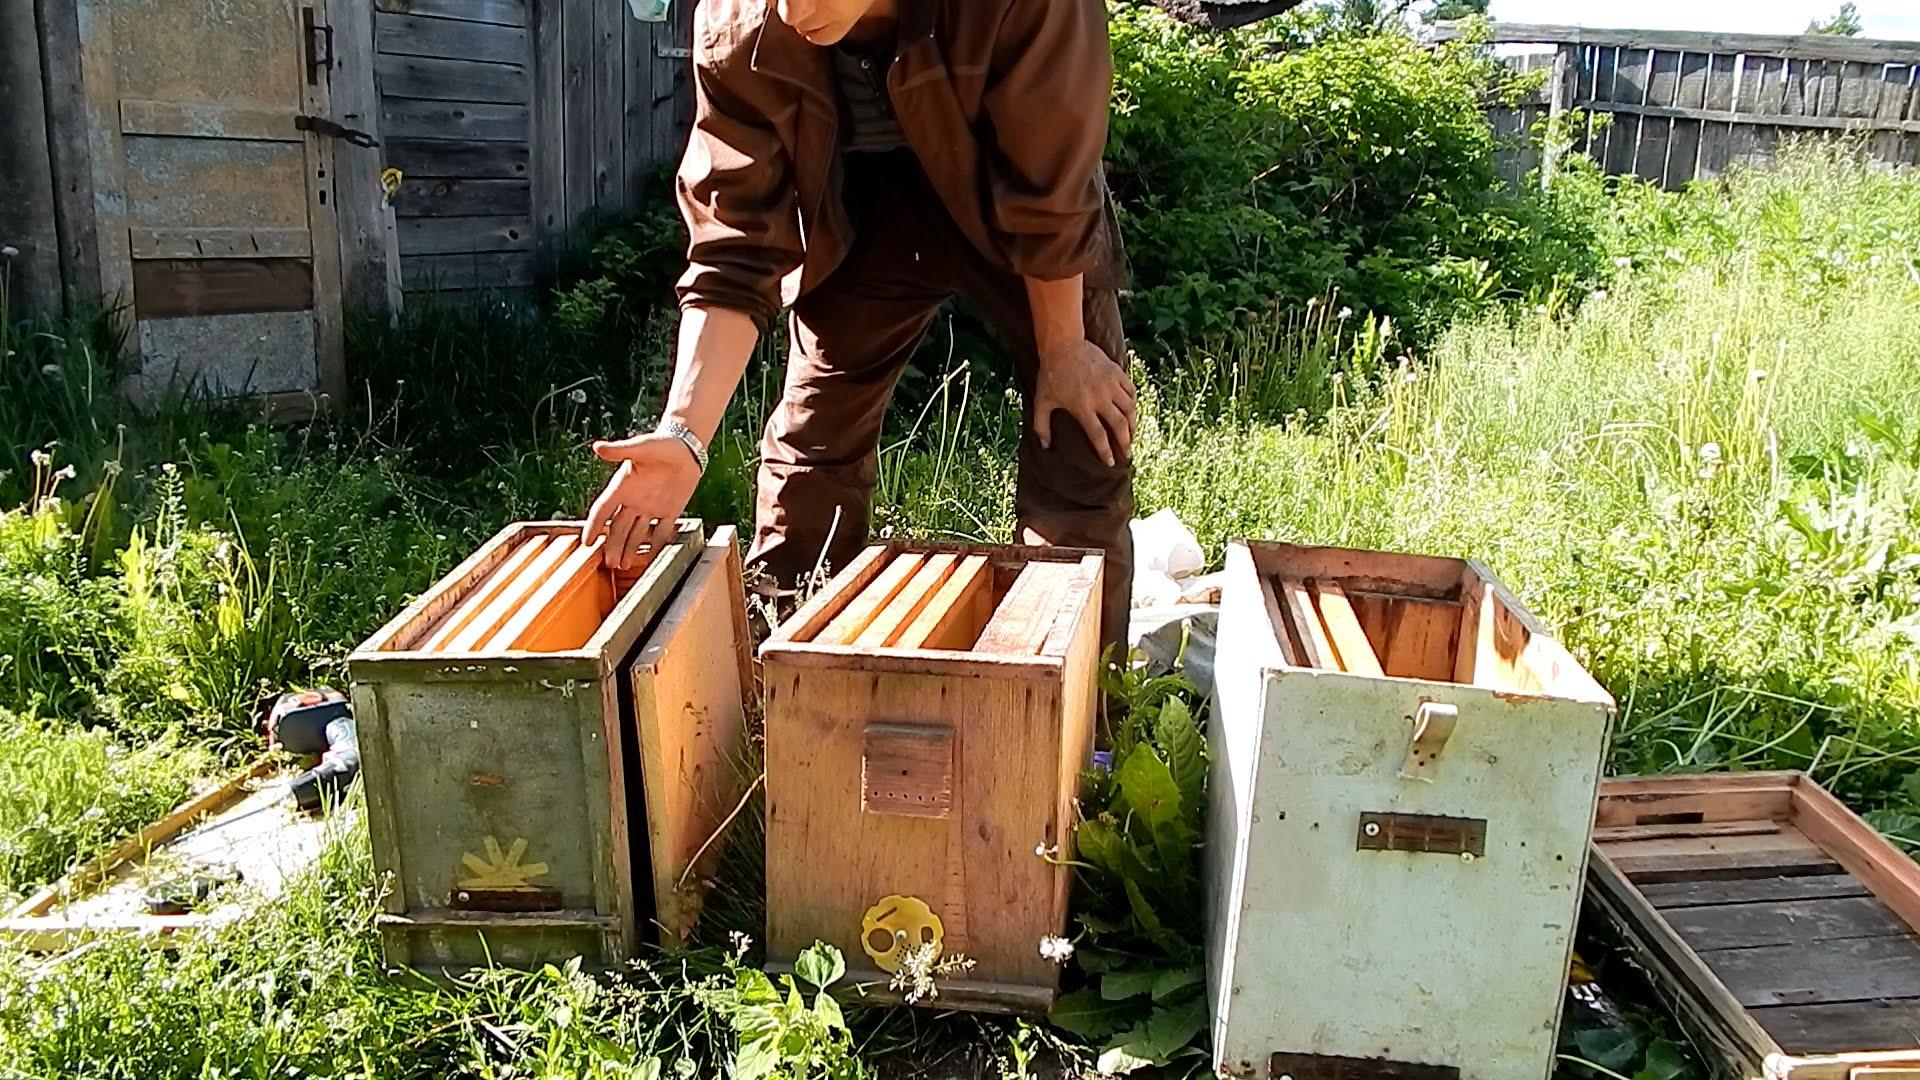 Ловушка для пчелиного роя: самостоятельное изготовление